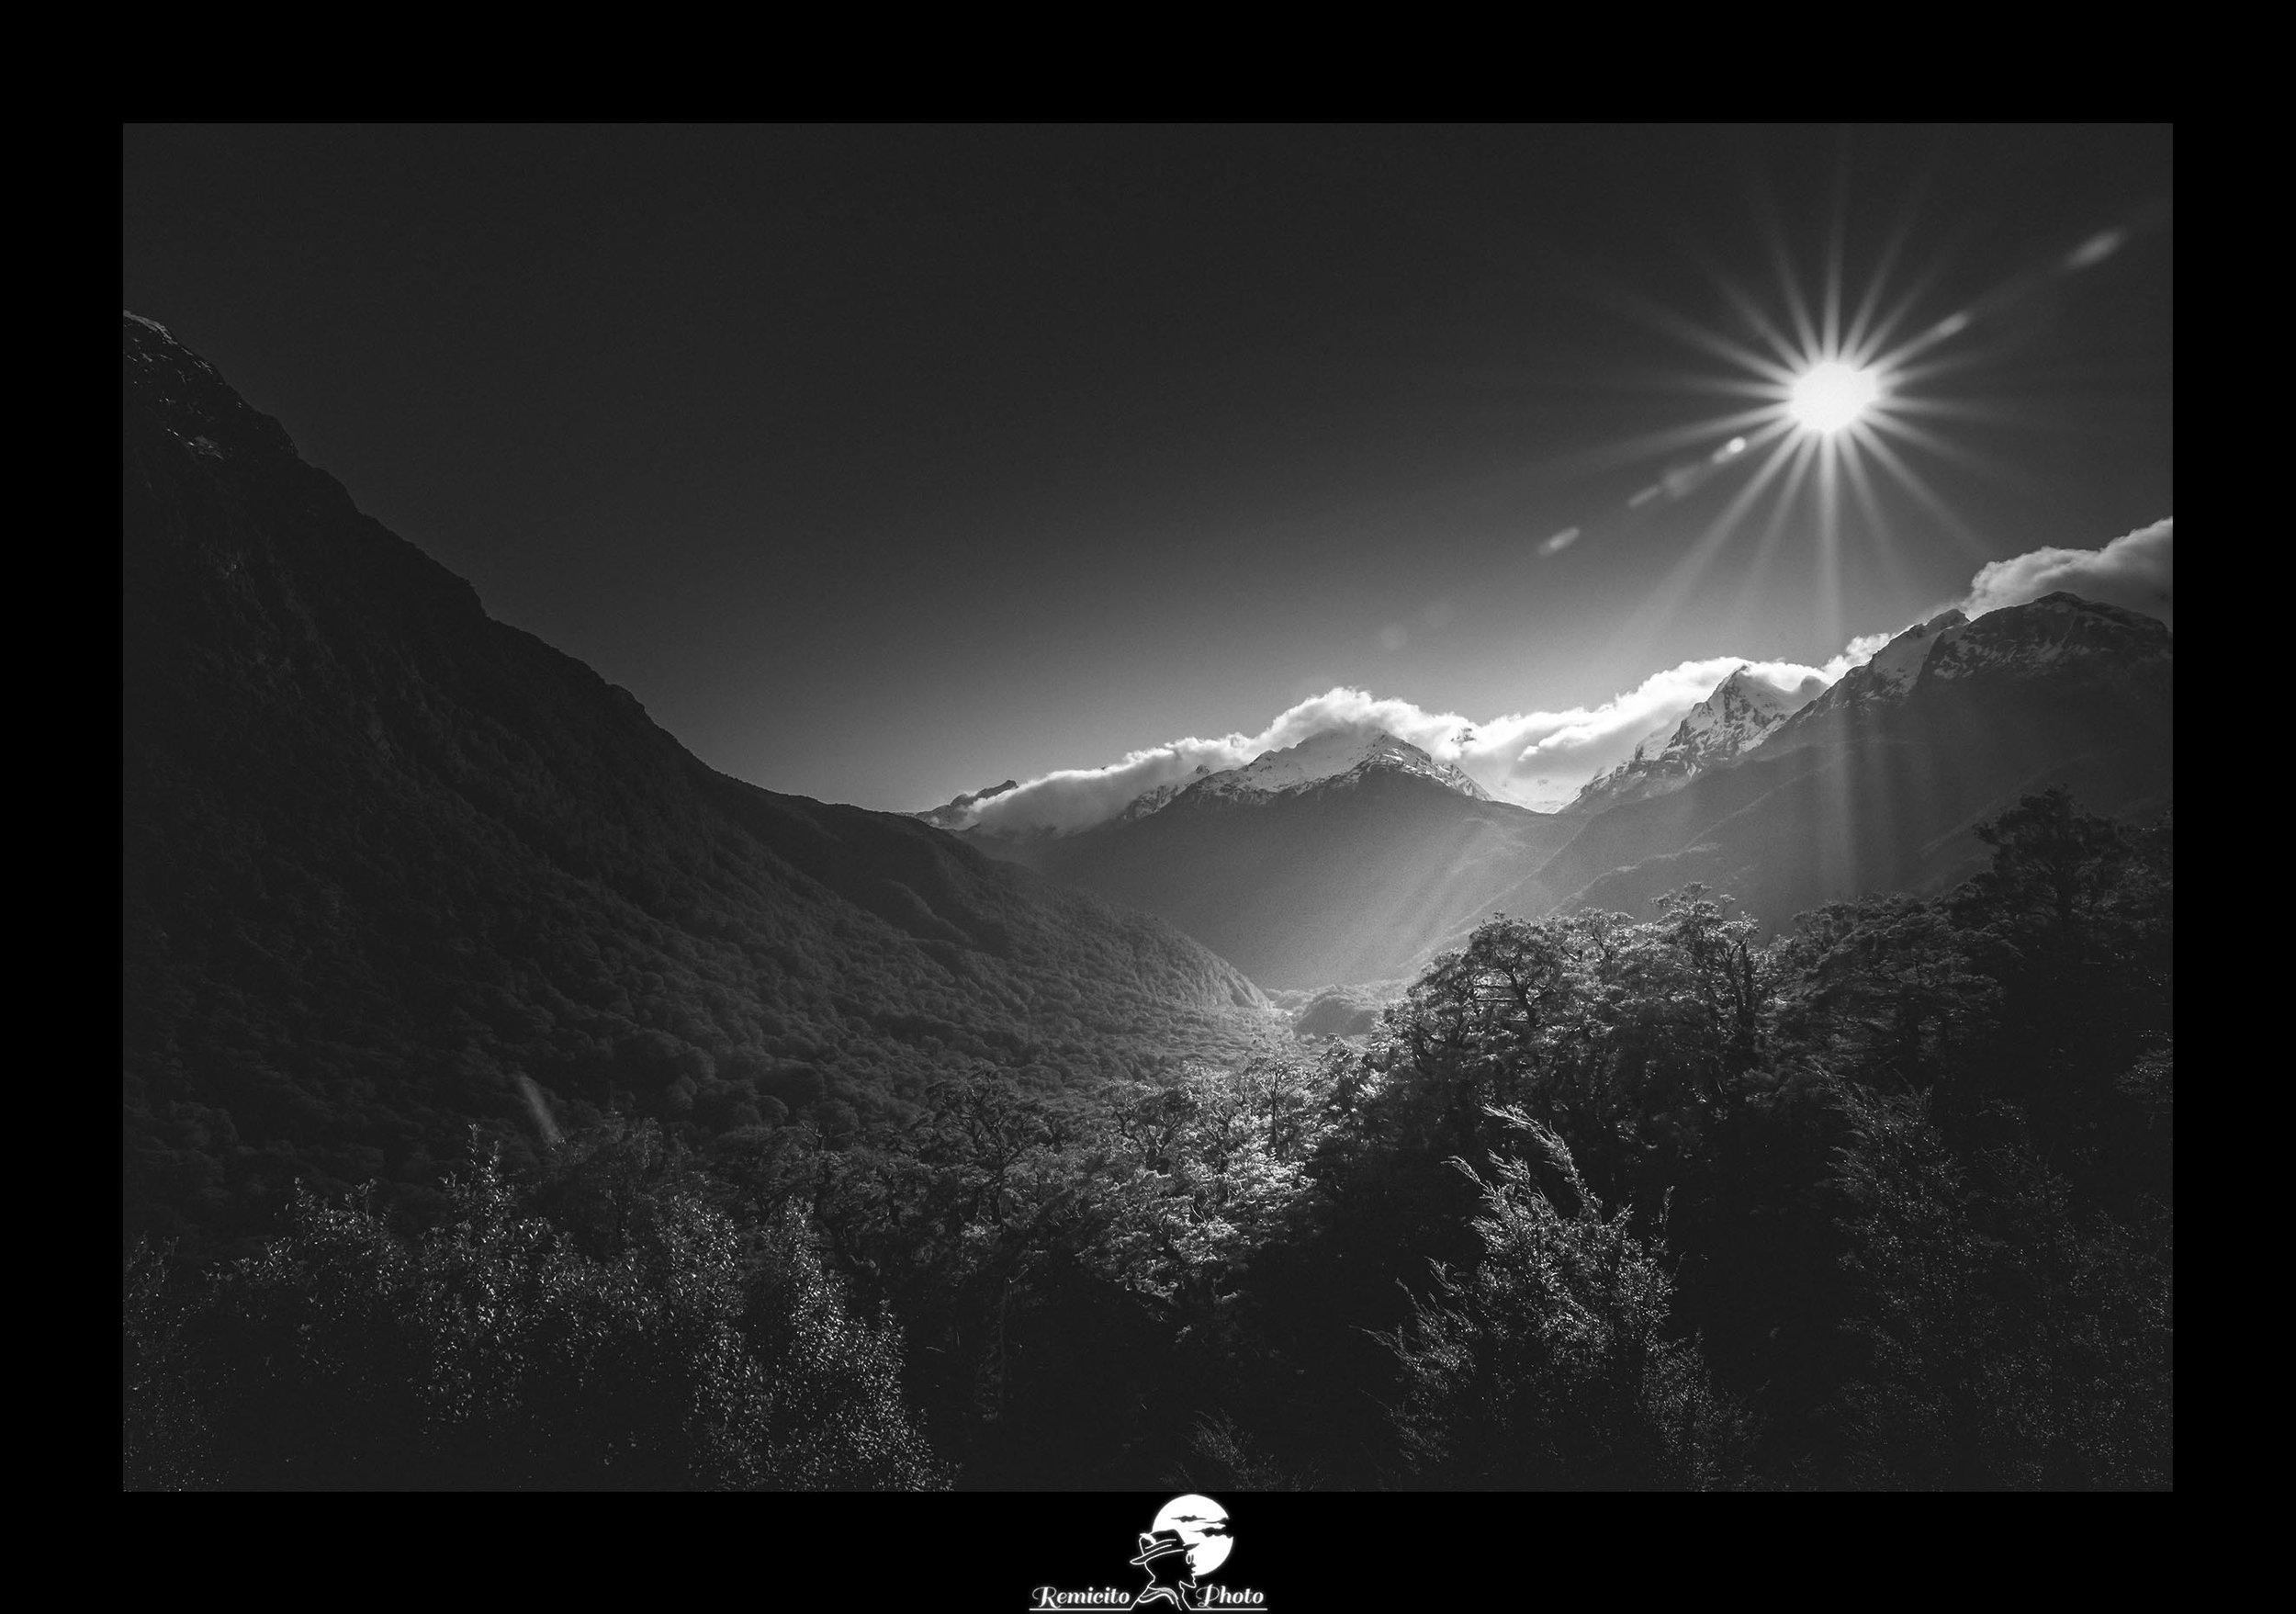 Remicito photo, remicito rémi lacombe photographe paris, belle photo noir et blanc lumière soleil, idée cadeau belle photo nature noir et blanc, nouvelle zélande photo noir et blanc